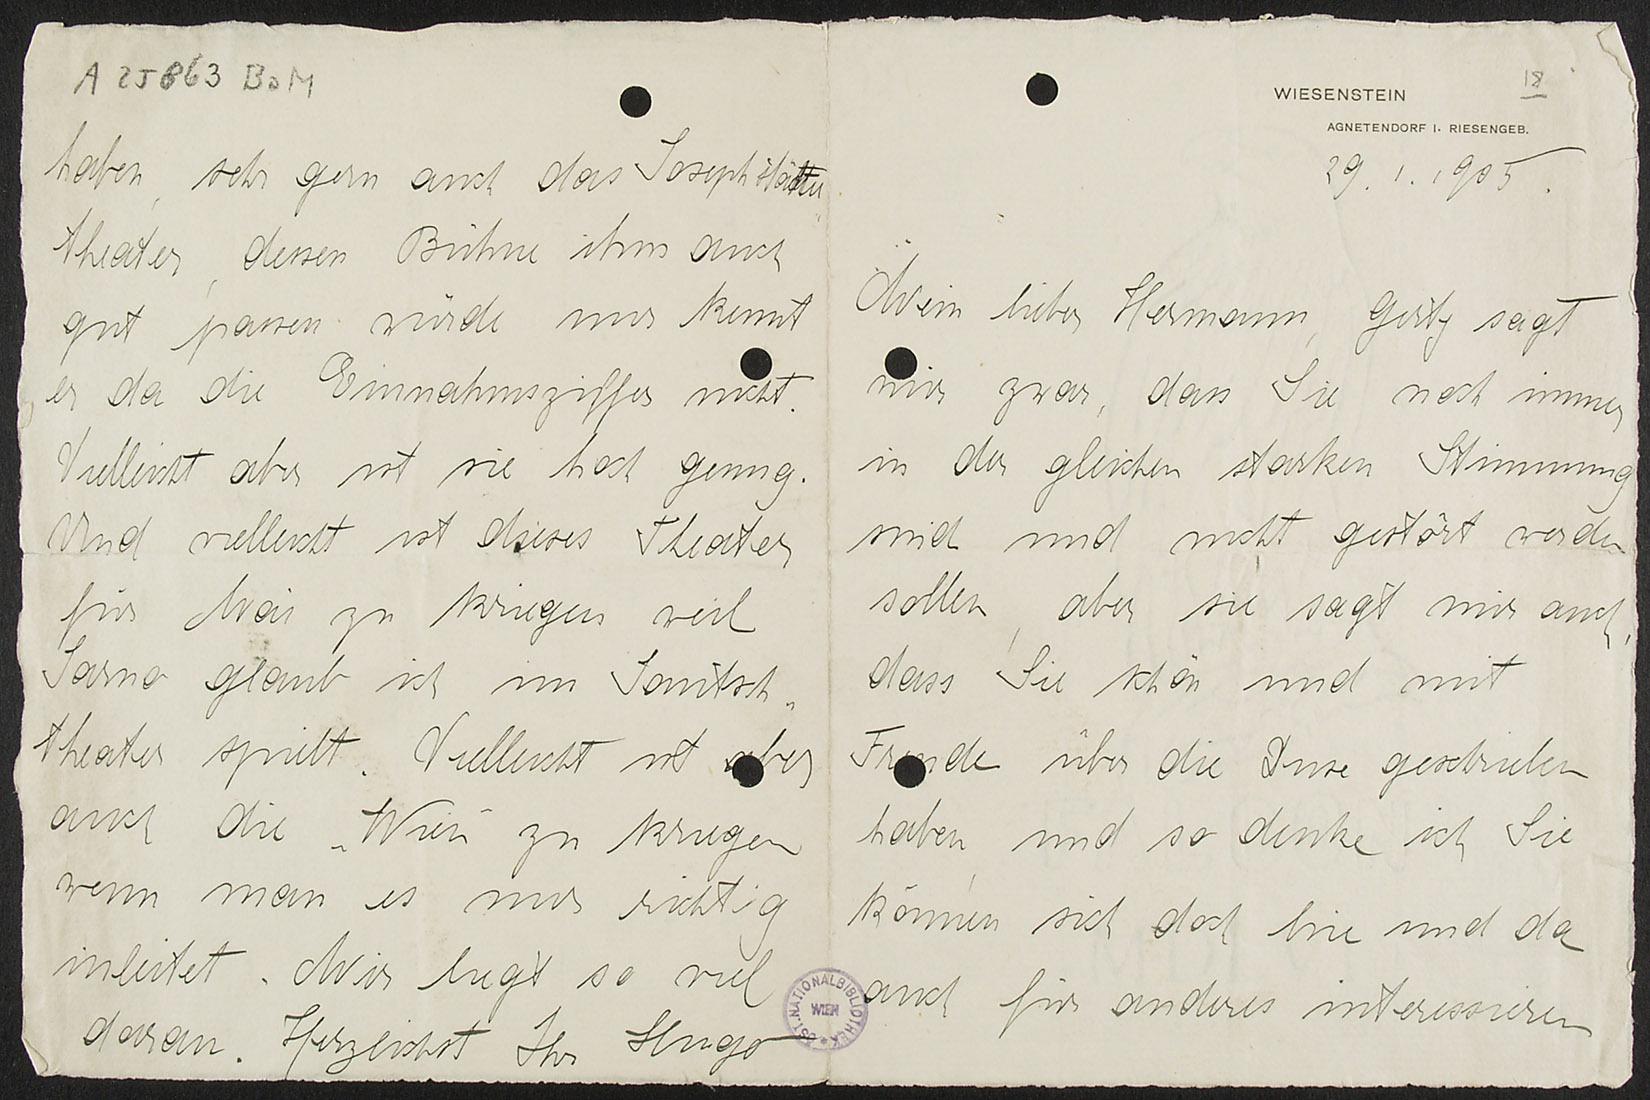 Brief von Hugo von Hofmannsthal